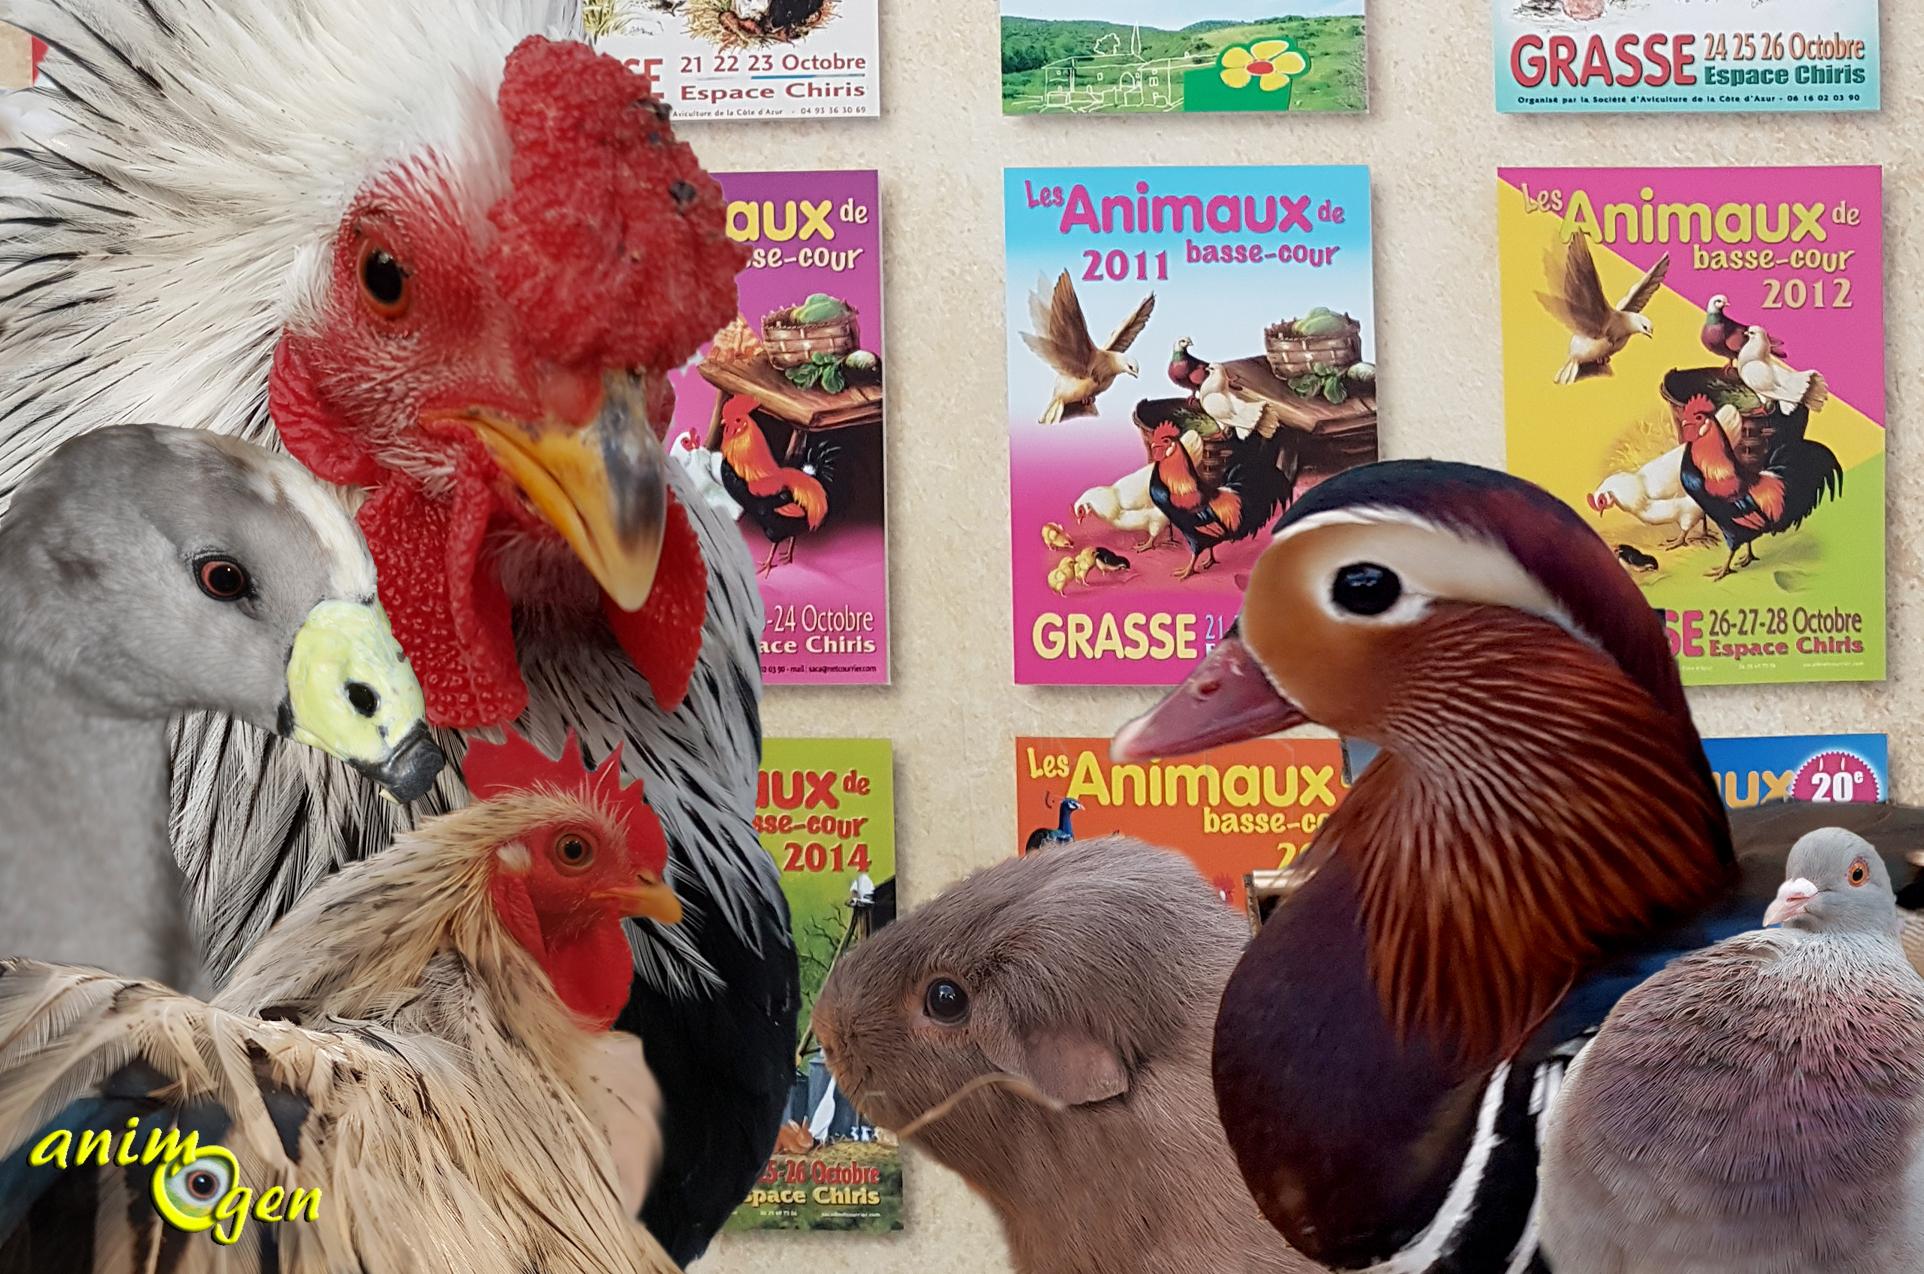 Animogen la 20 me exposition d animaux de basse cour de for Poules d ornement pour le jardin ou la basse cour